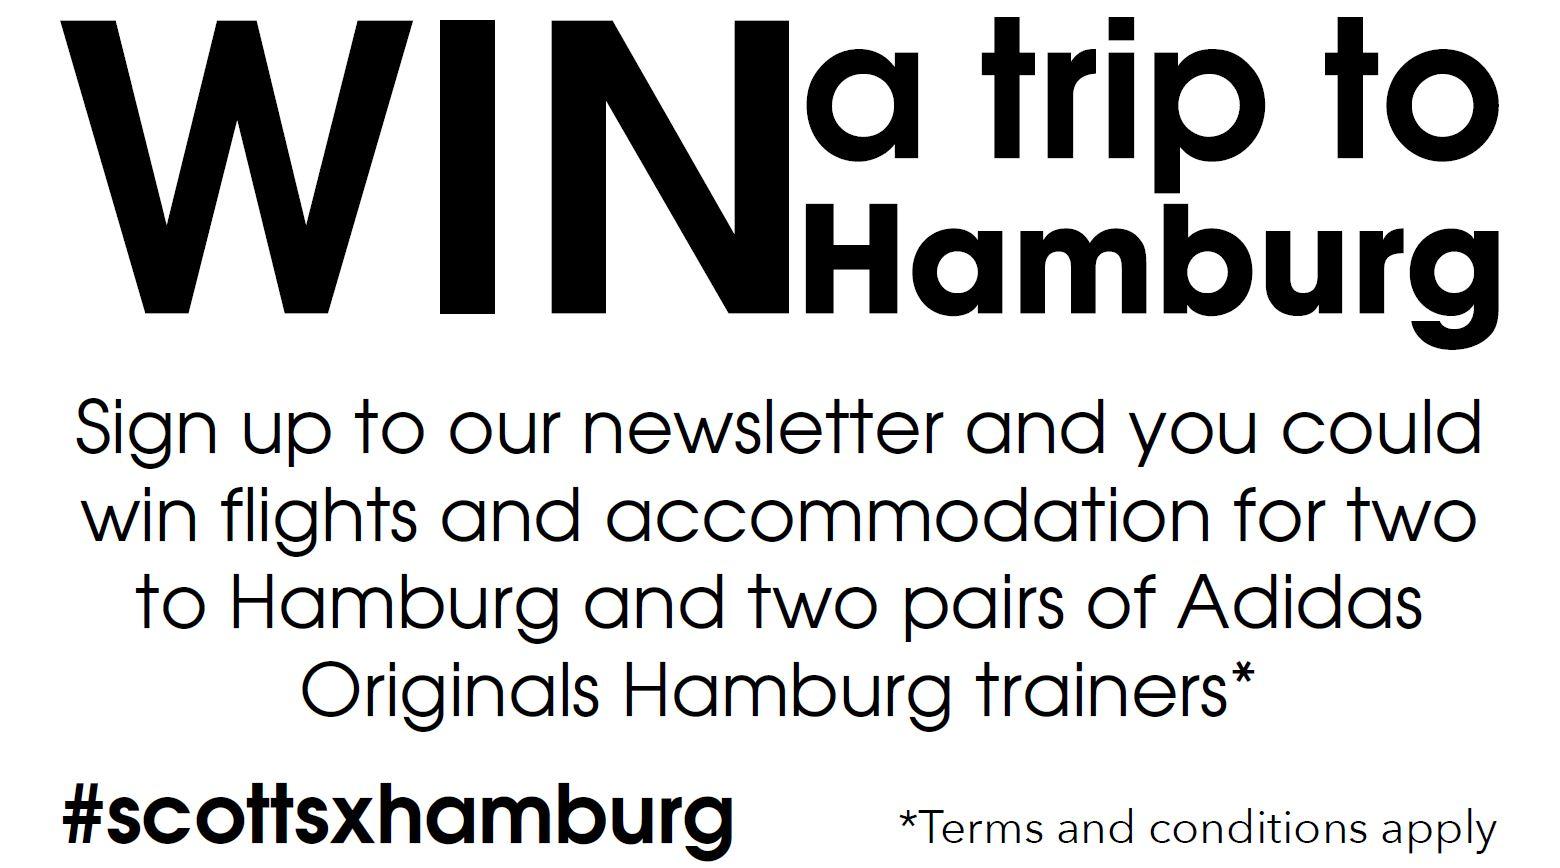 Win a trip to Hamburg